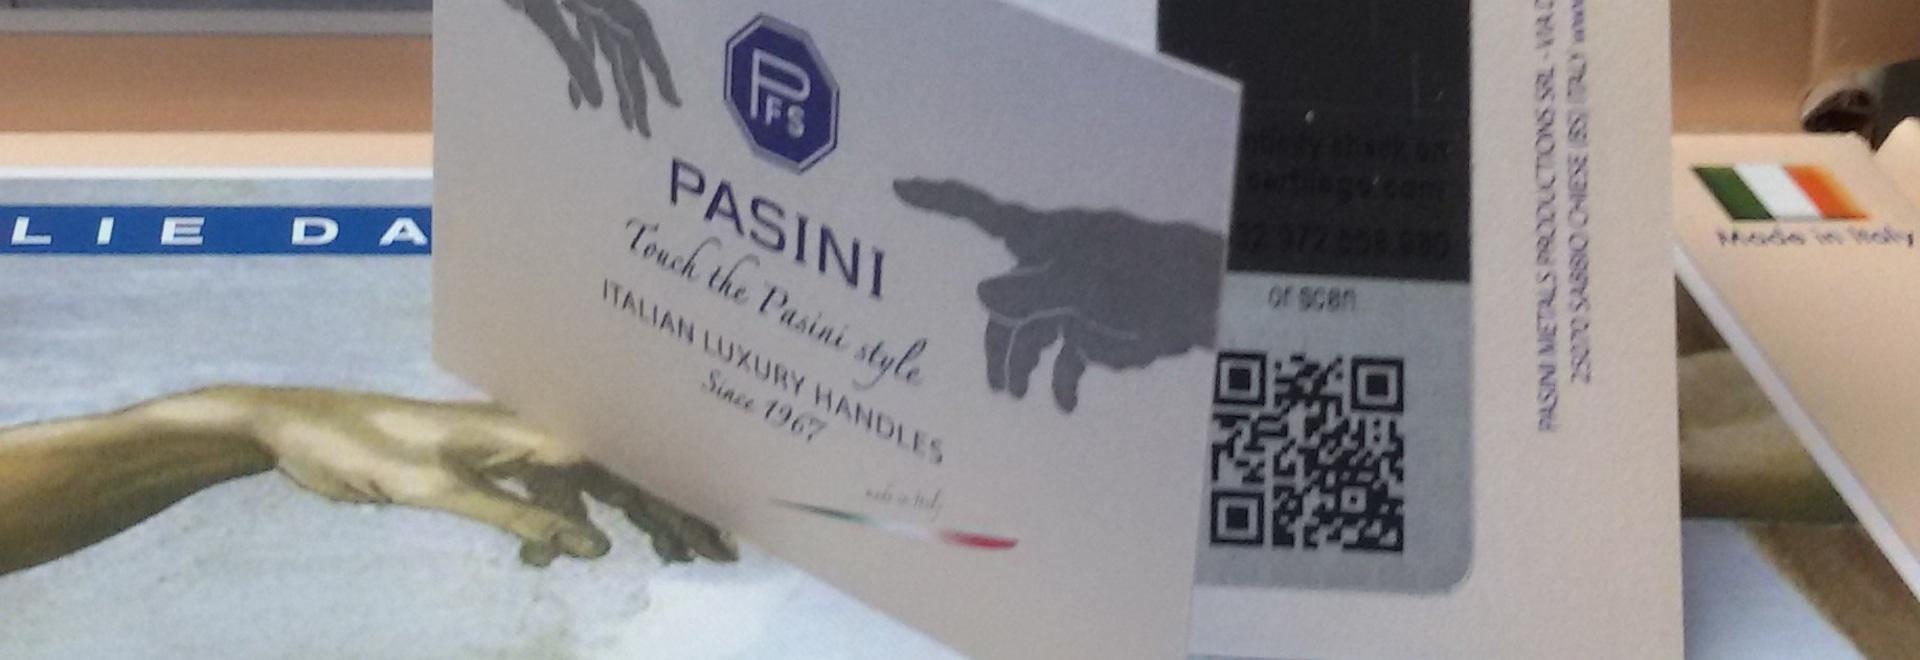 Etichetta di autenticità di PFS PASINI